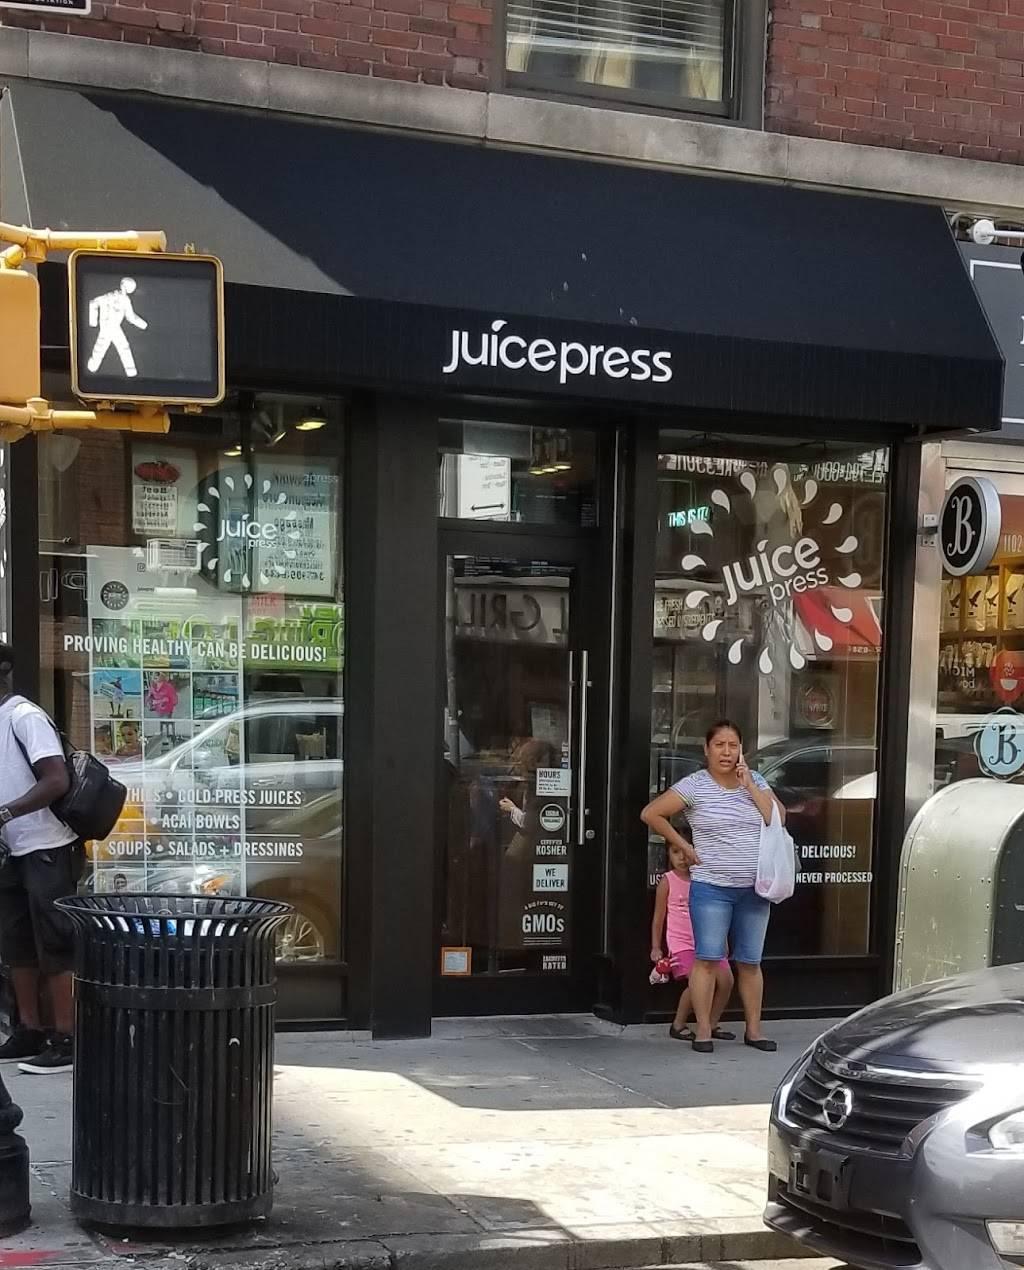 Juice Press | restaurant | 1100 Lexington Ave, New York, NY 10017, USA | 2127770034 OR +1 212-777-0034